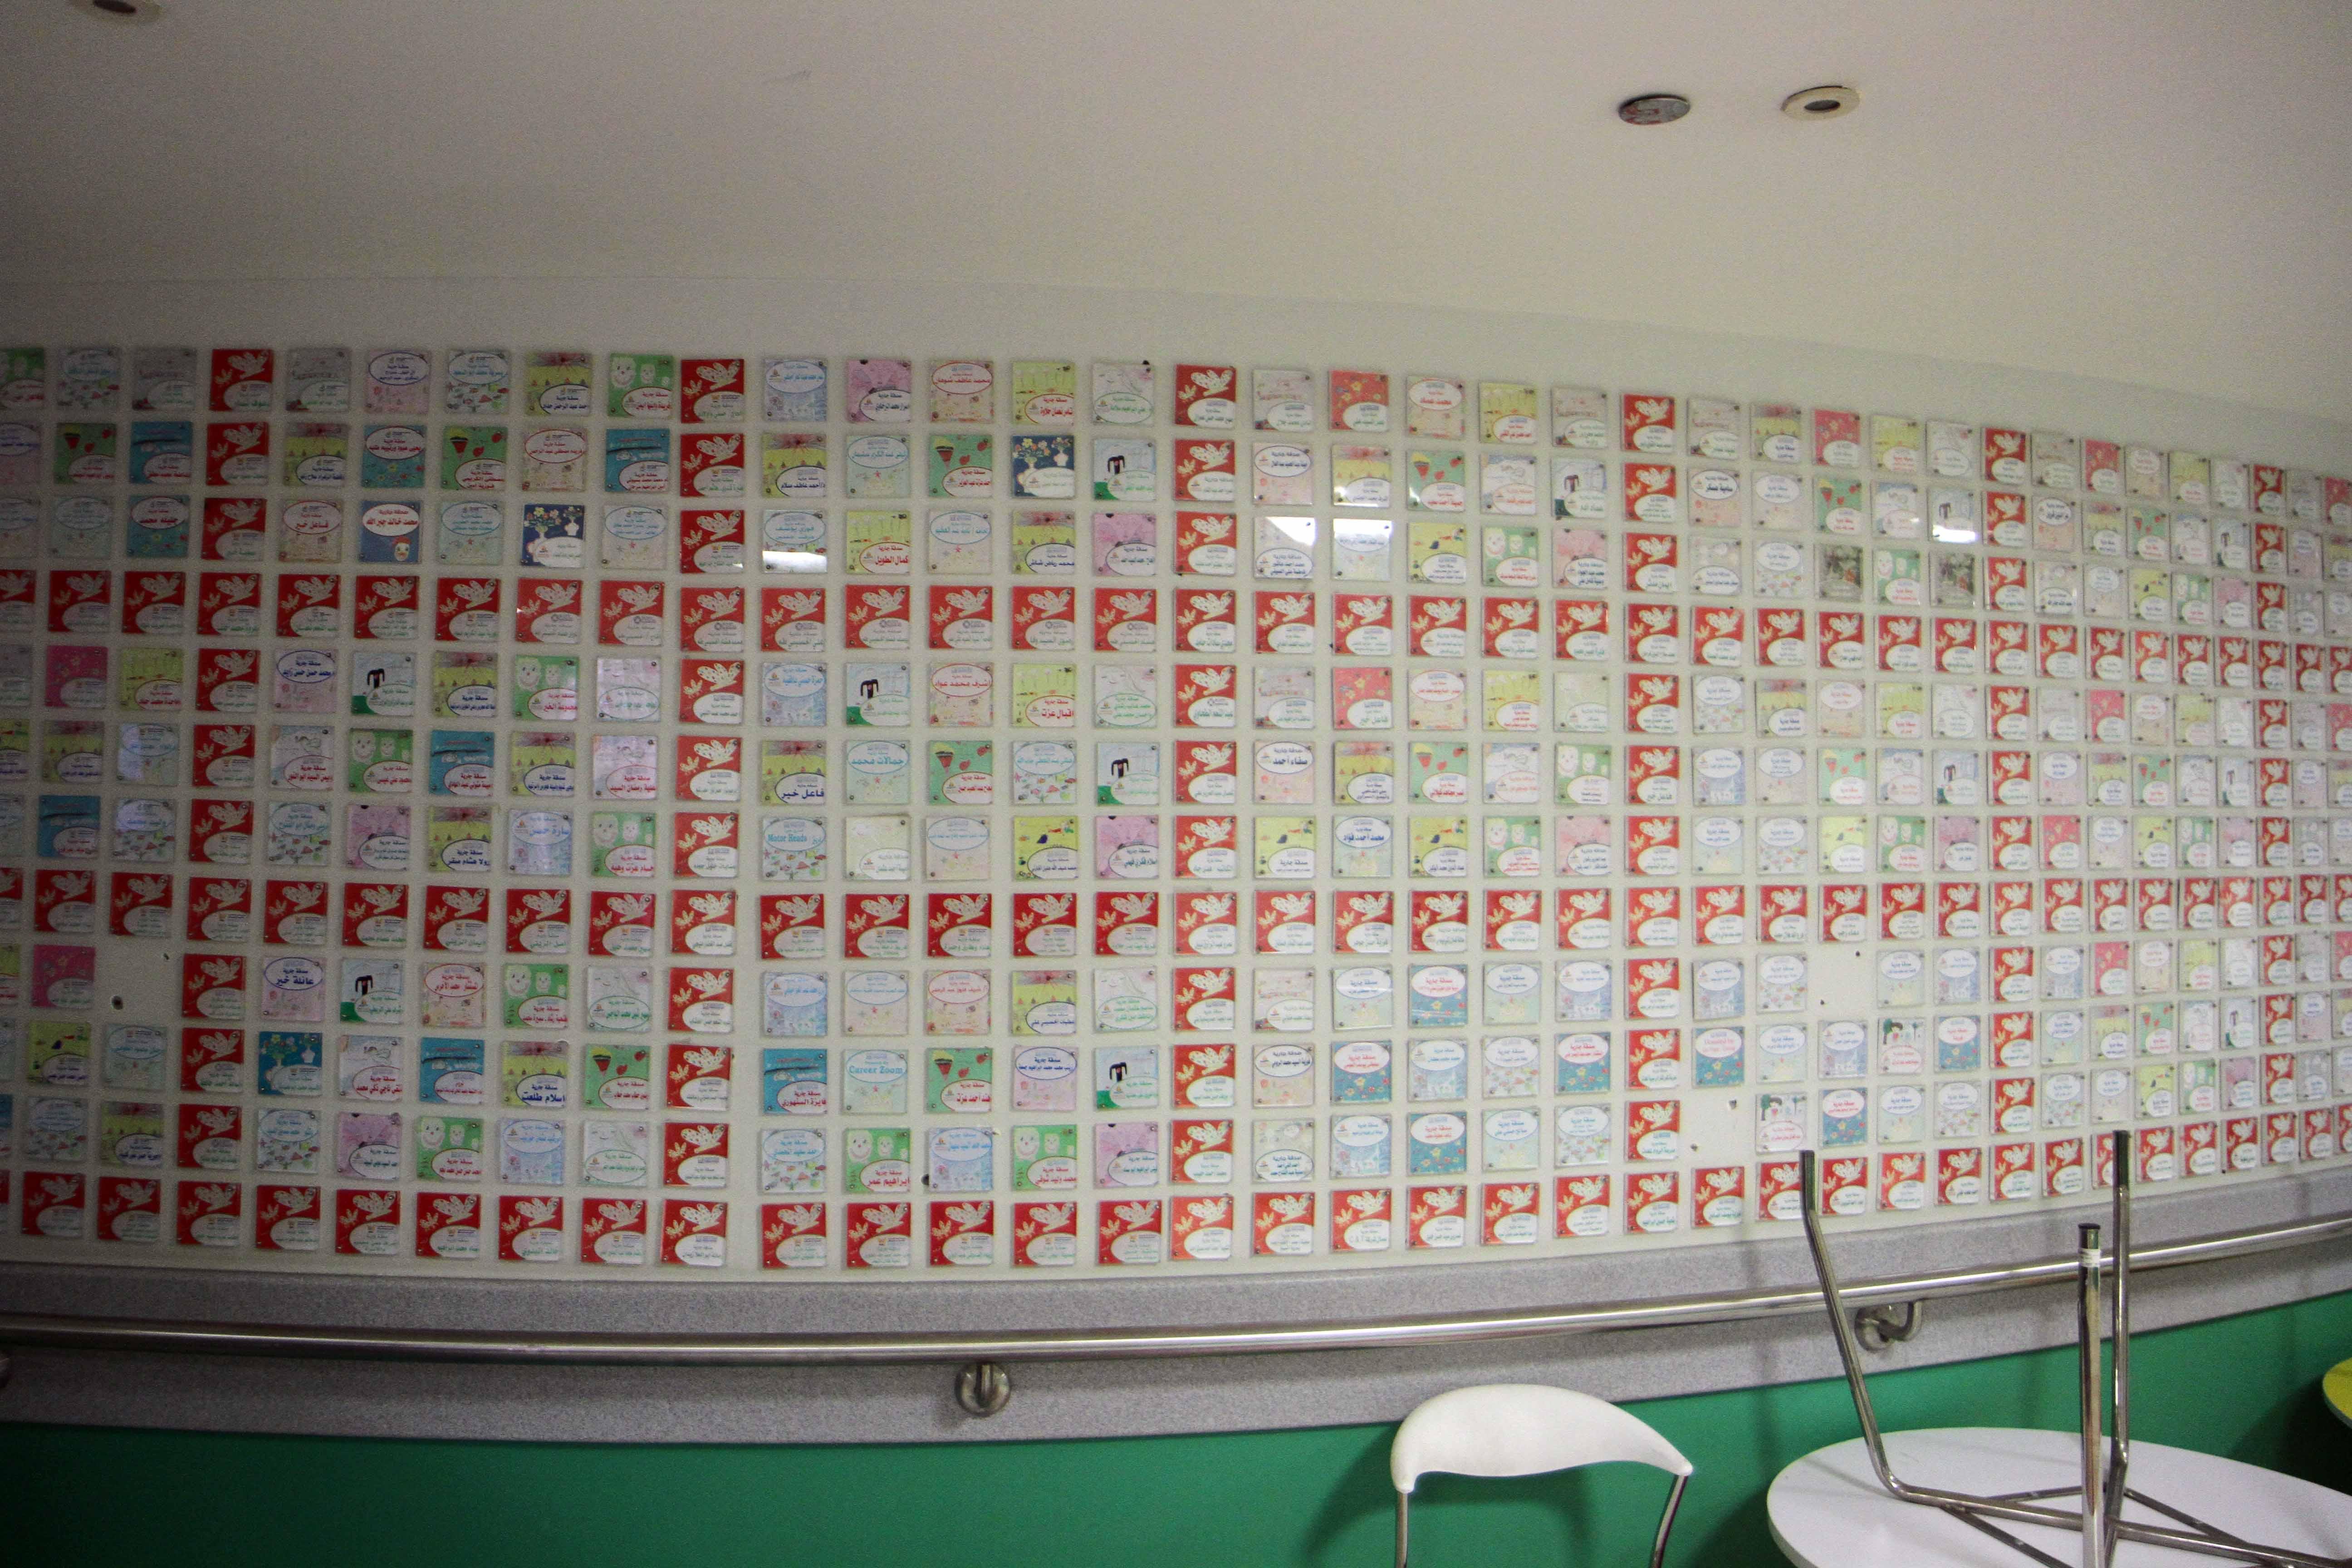 لوحات على حوائط مستشفى 57357 (3)